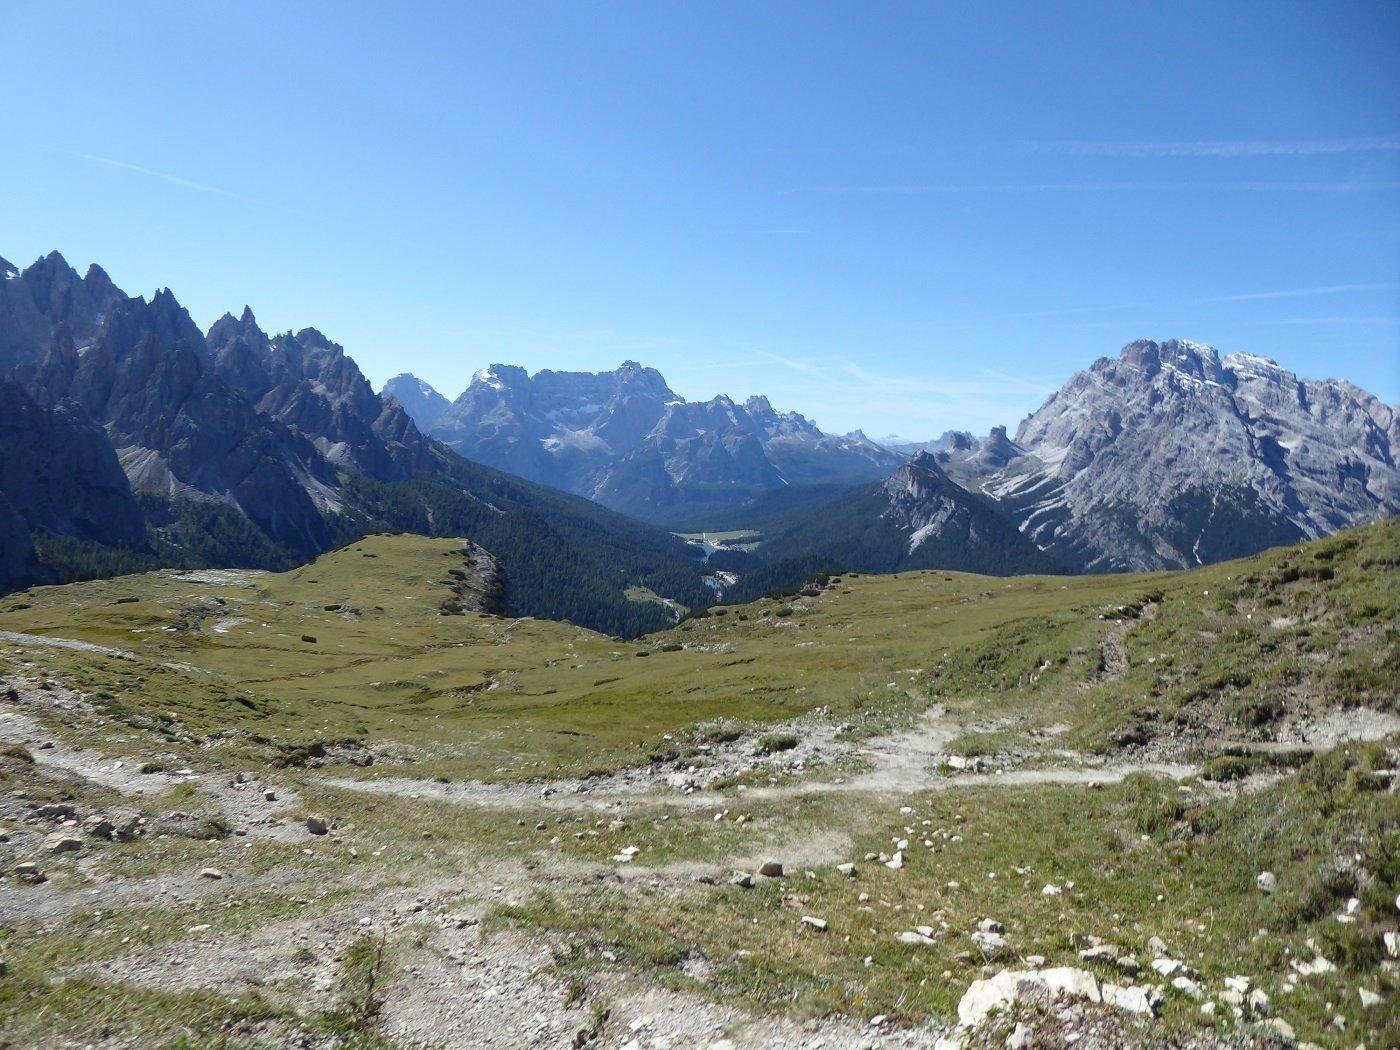 Dalla Forcella Col di Mezzo i pianori erbosi dei Monti di Fuori e di Dentro (forse).